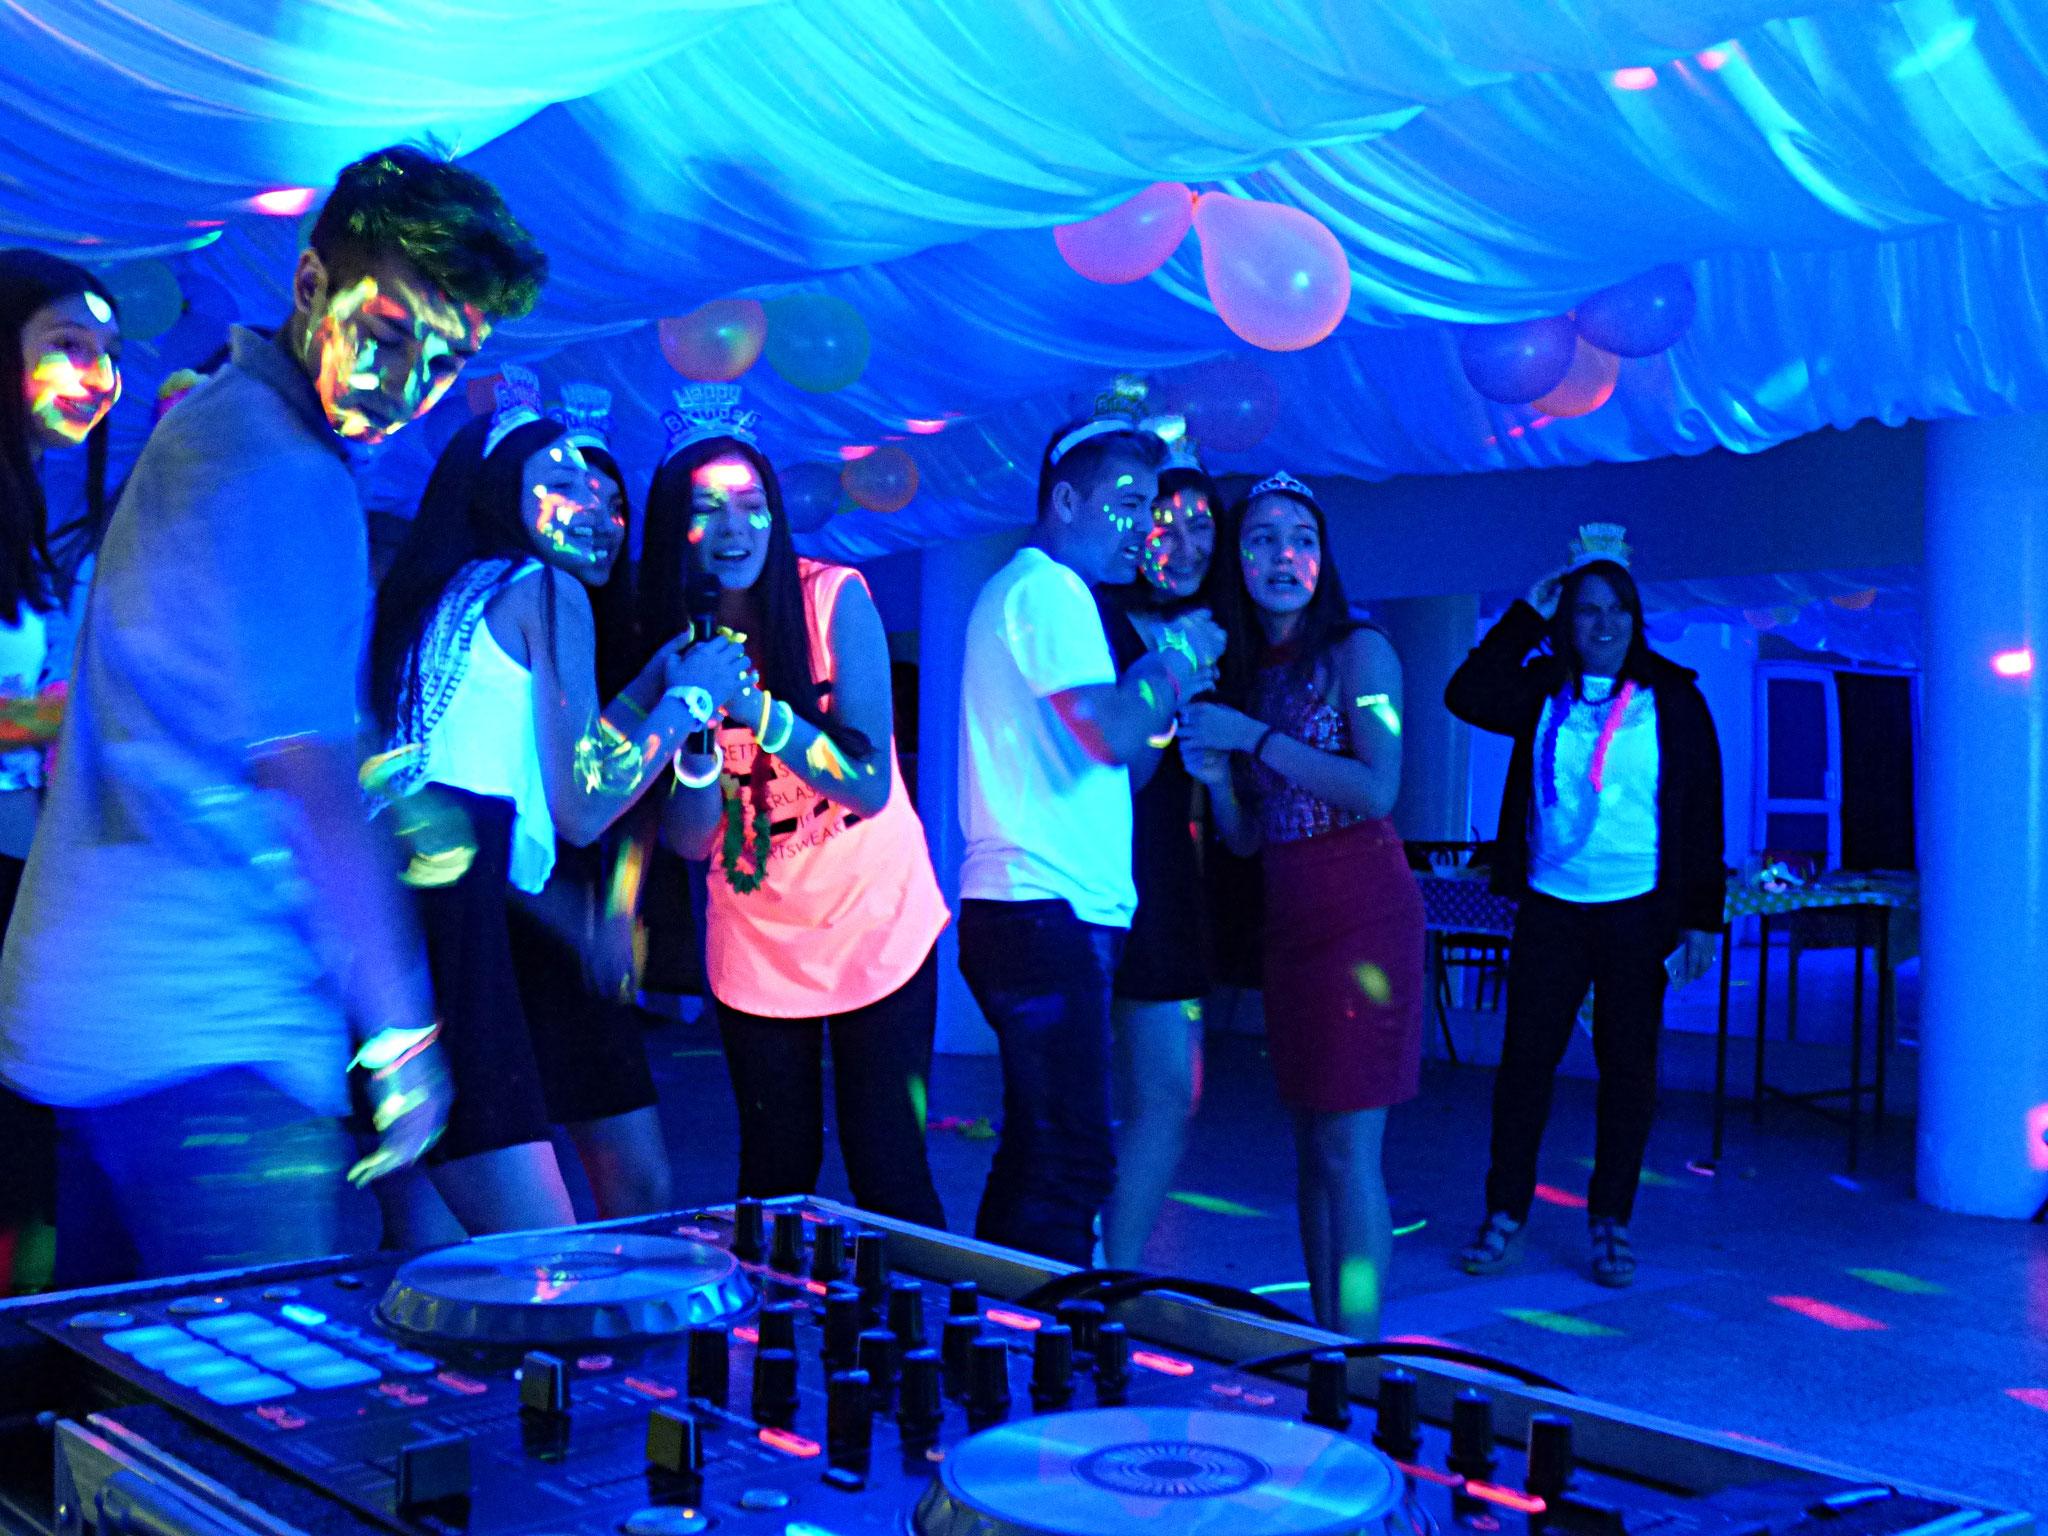 Cumpleaños De 15 Años Dj Audio Iluminación Profesional Fiesta